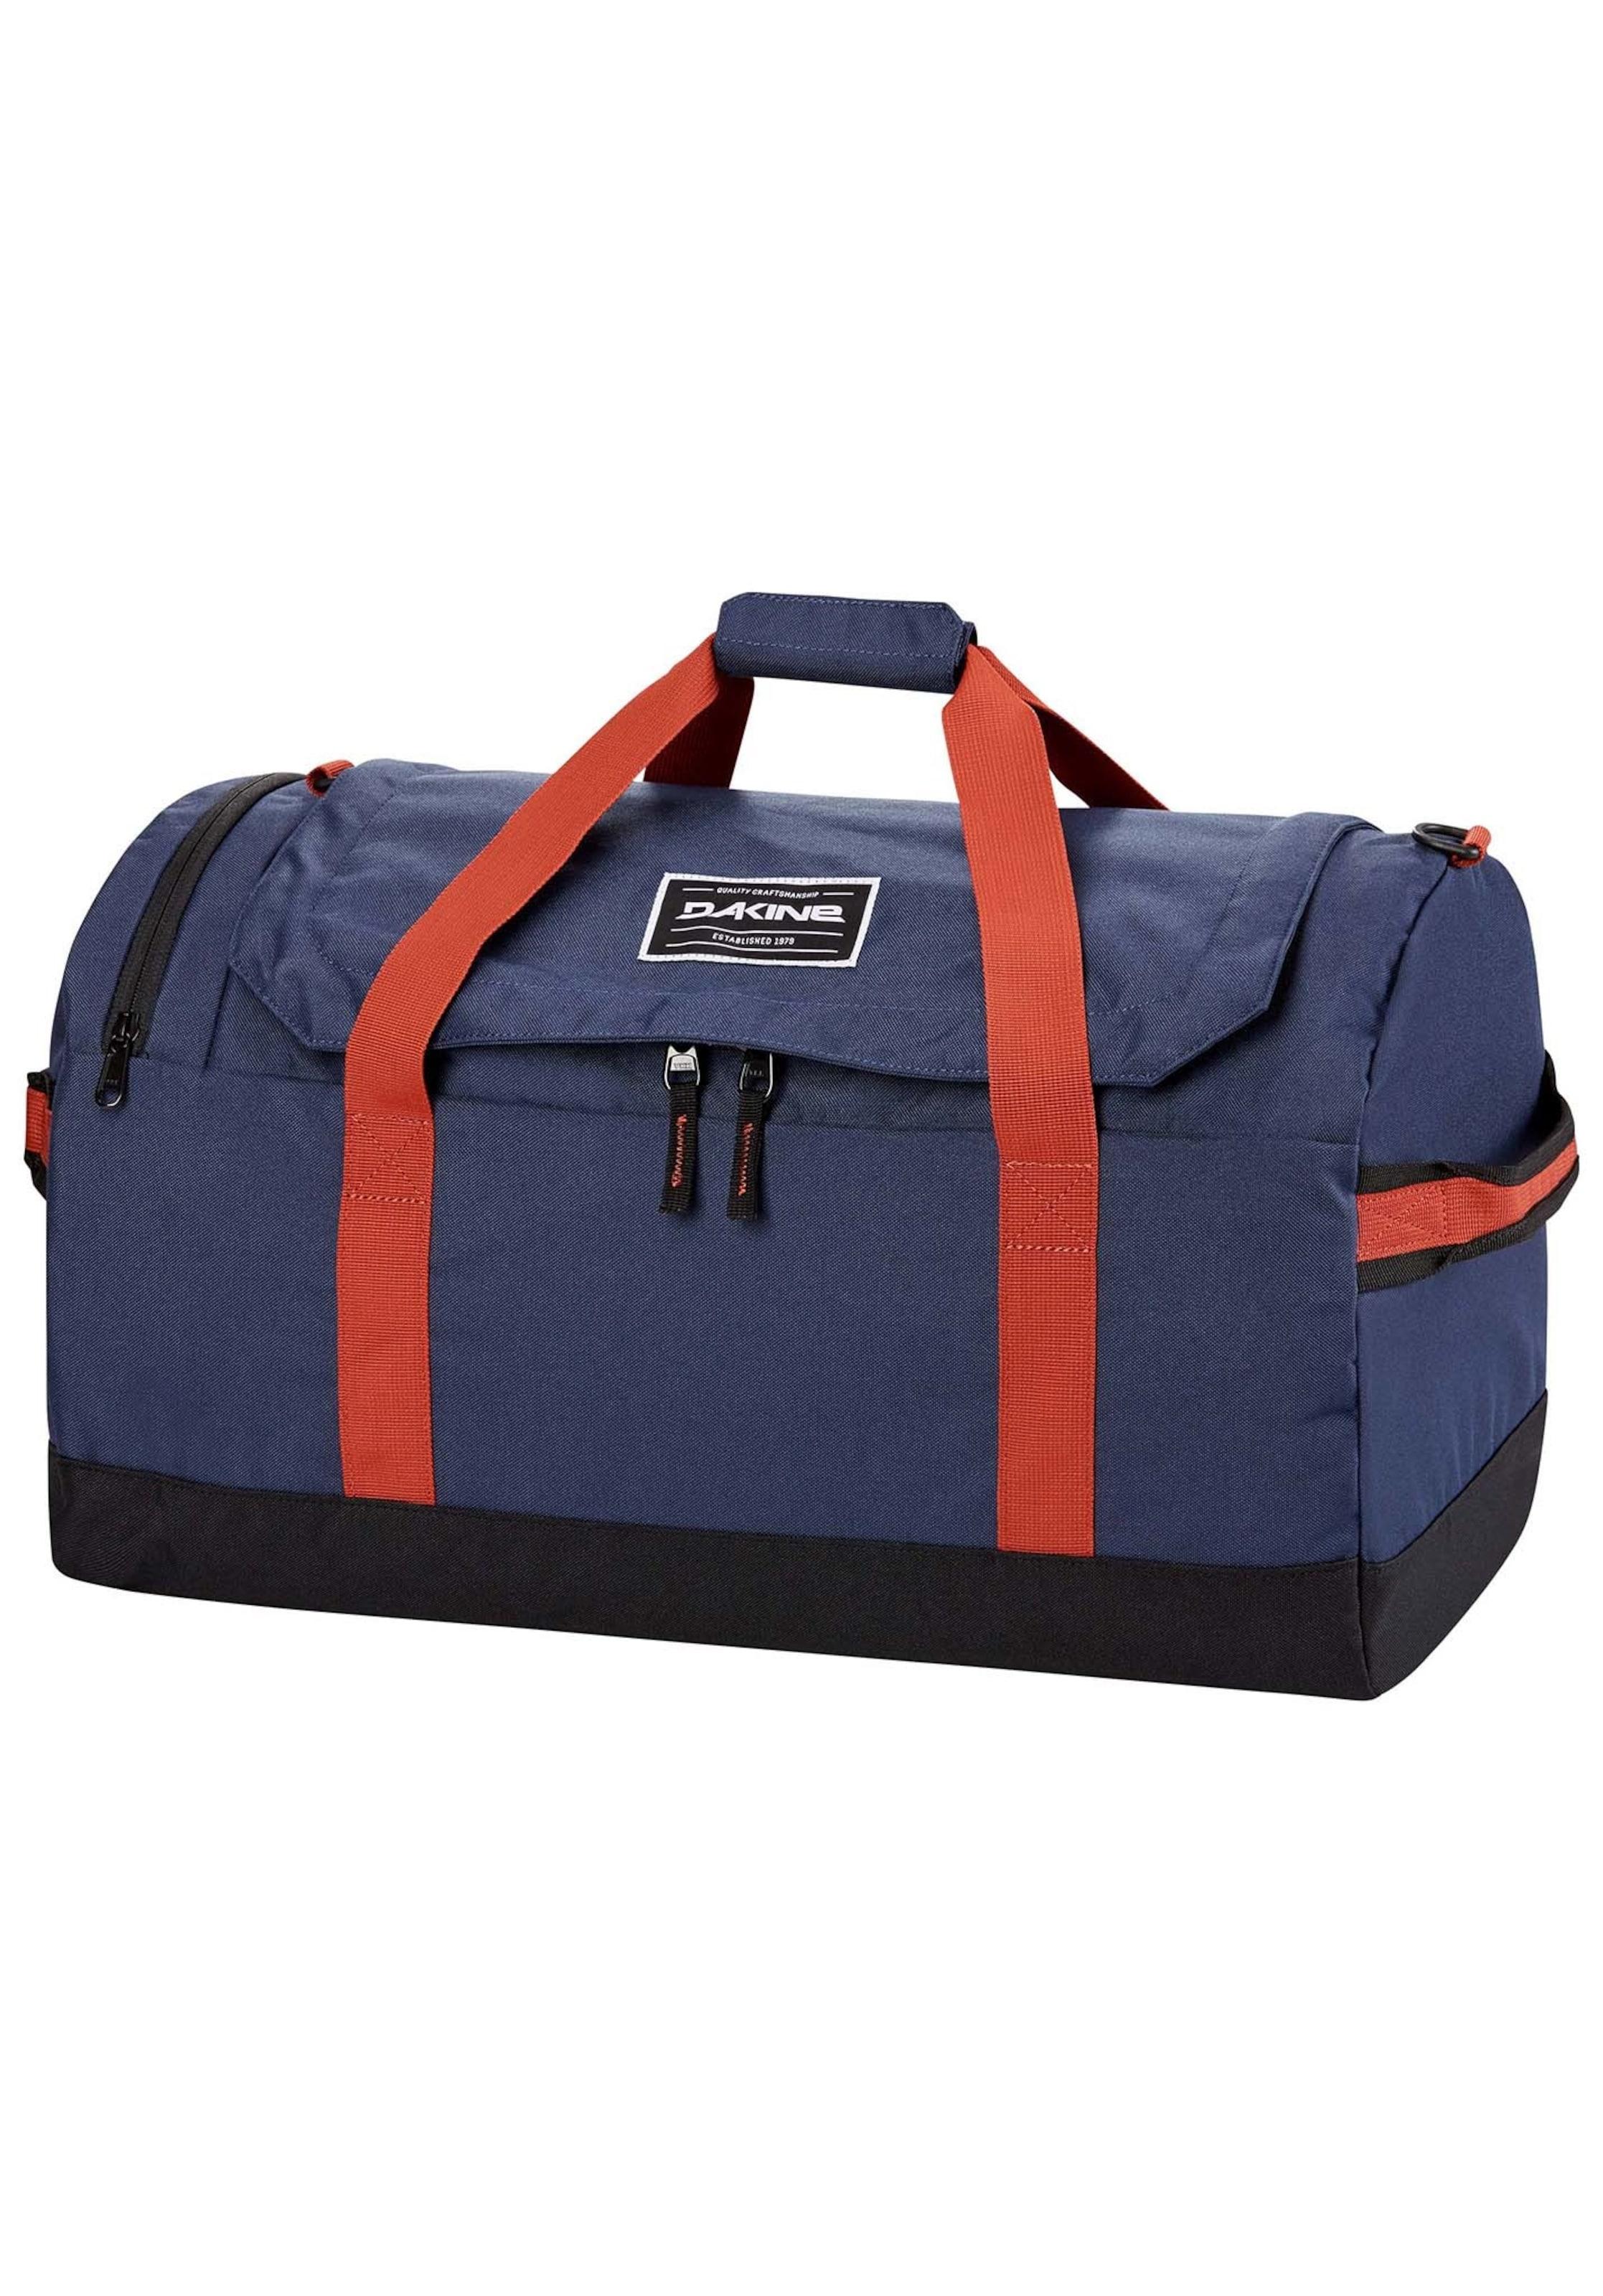 Tasche NachtblauRot Dakine In NachtblauRot Dakine In Tasche Dakine Tasche In H92DIE